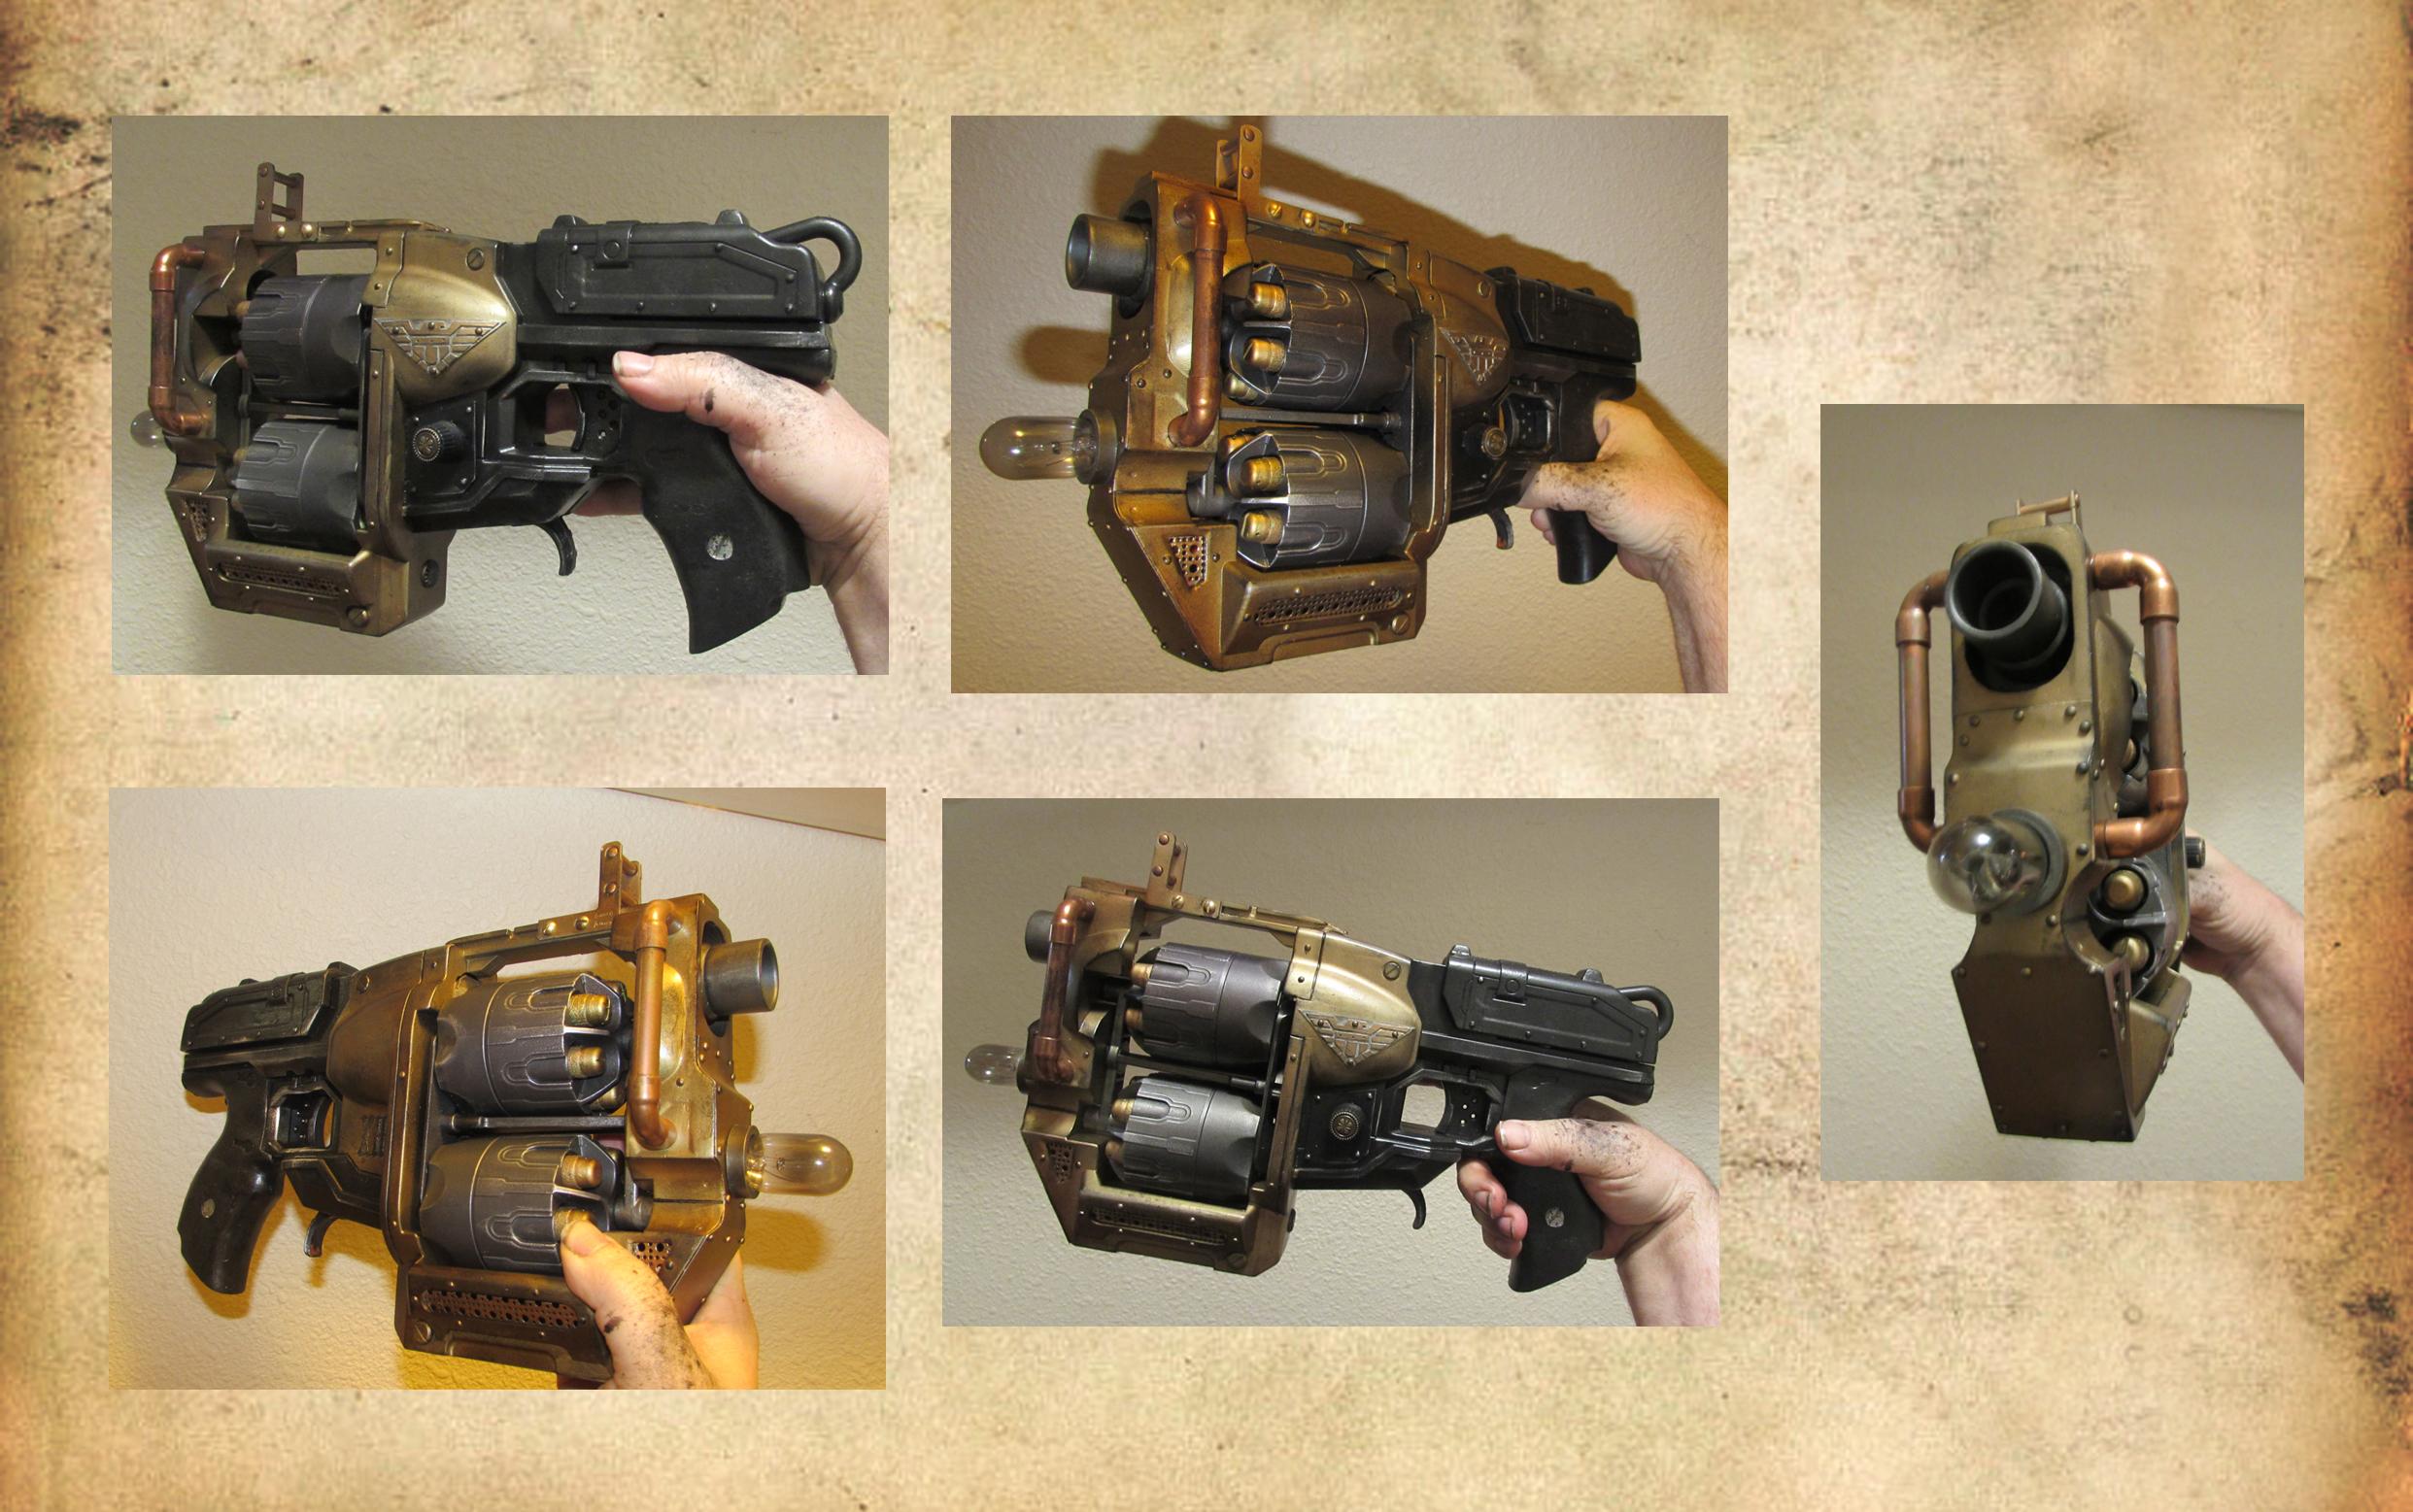 Steampunk Judge Dredd pistol by HerbertW